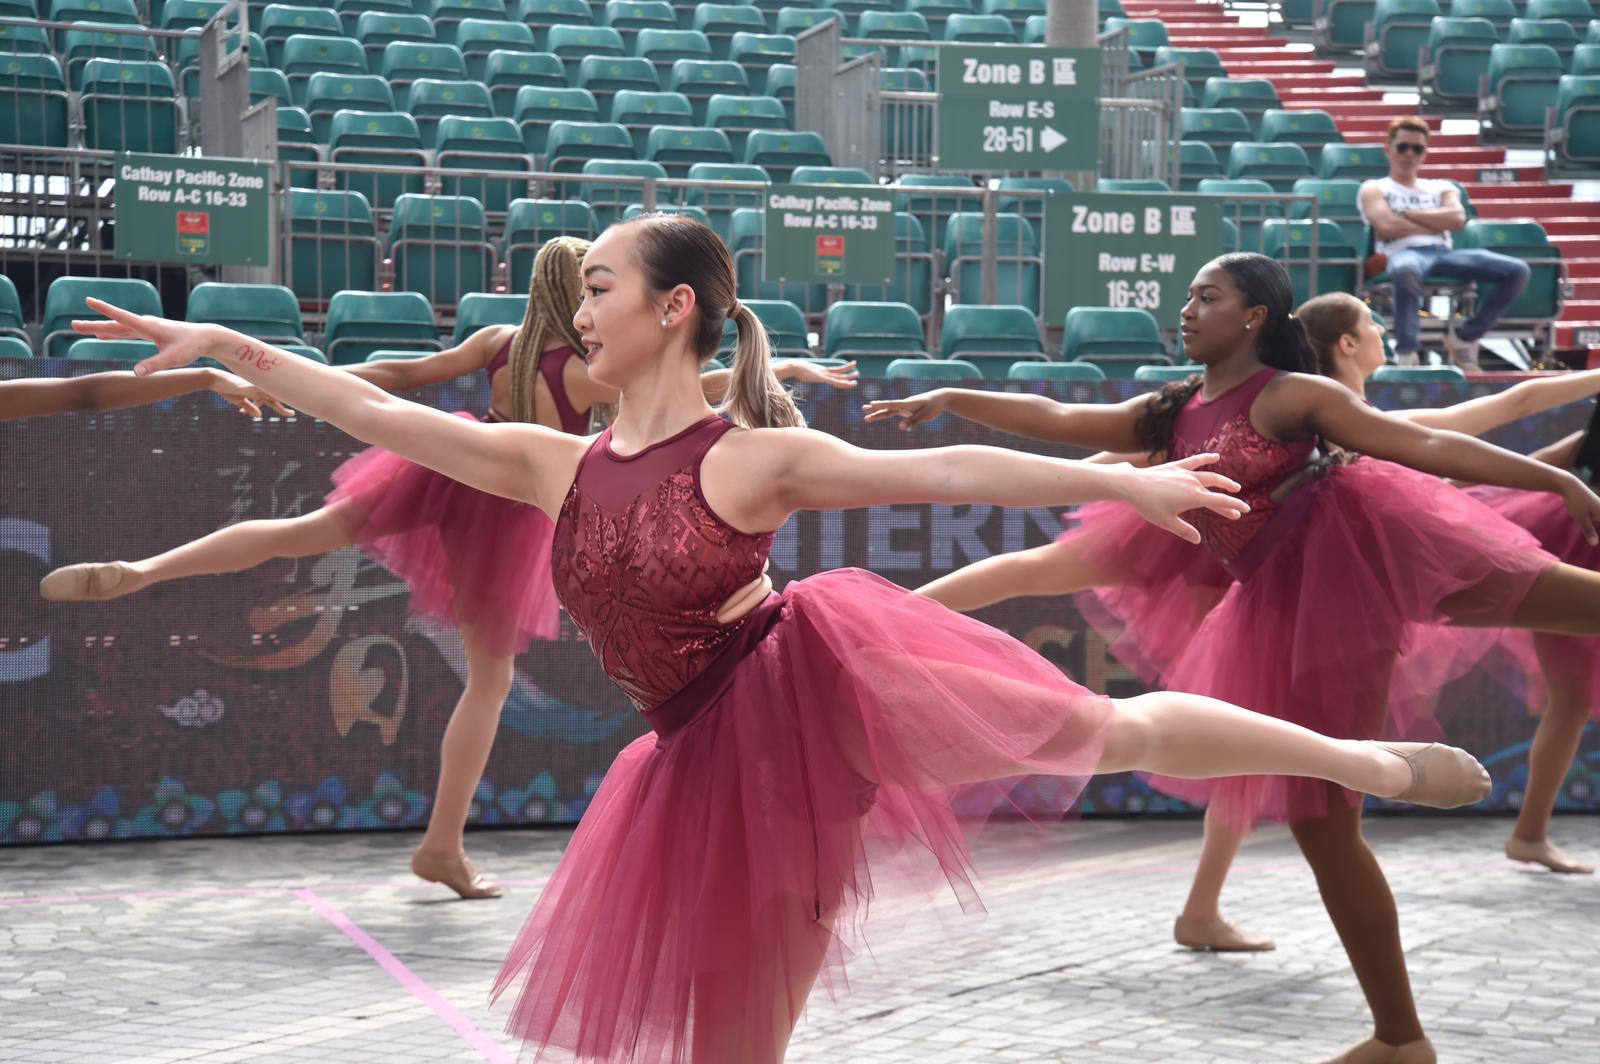 揉合嘻哈和芭蕾的隊伍「Hiplet Ballerinas」